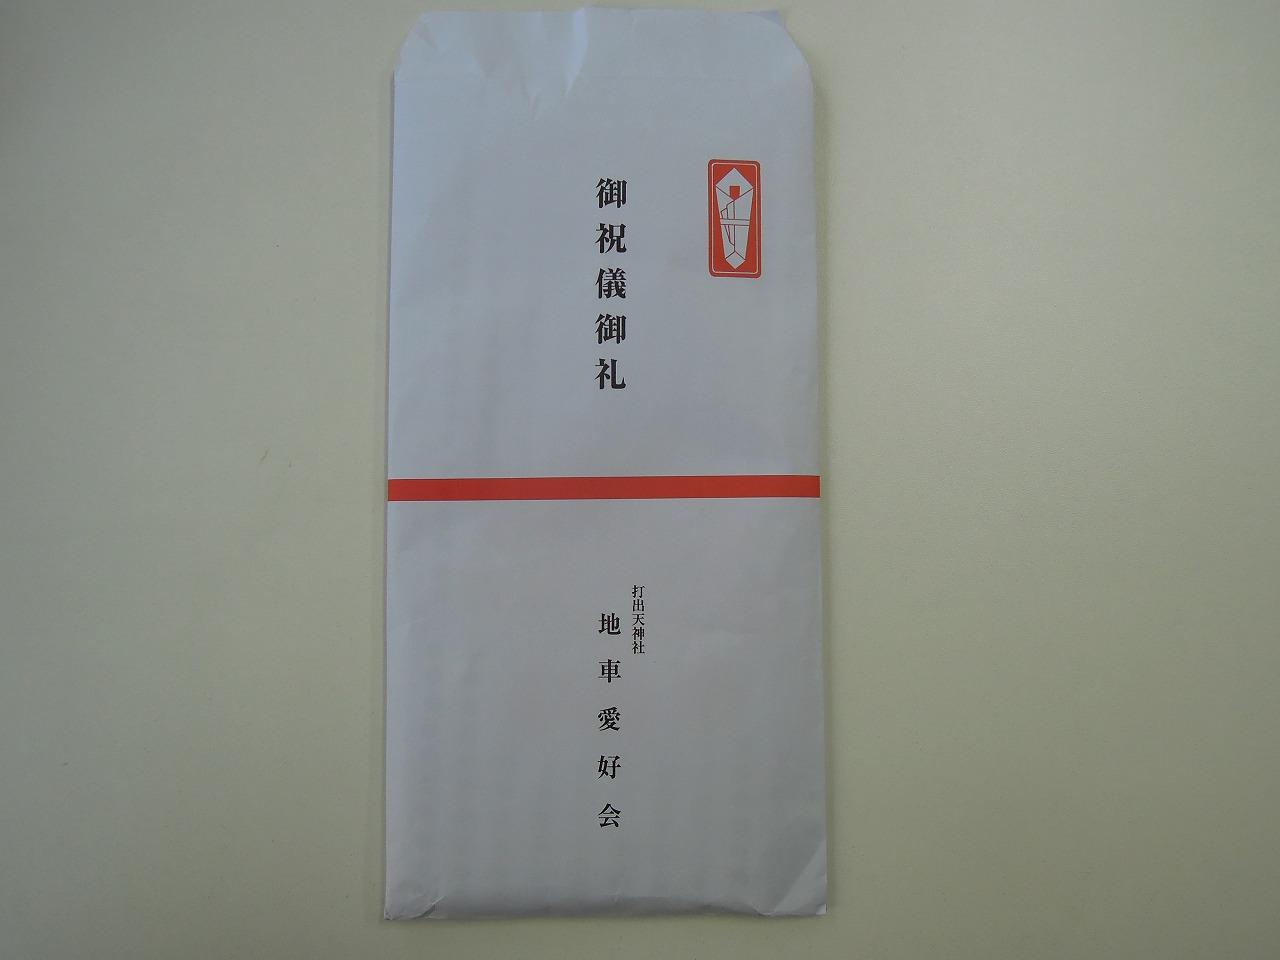 Sdscn2201